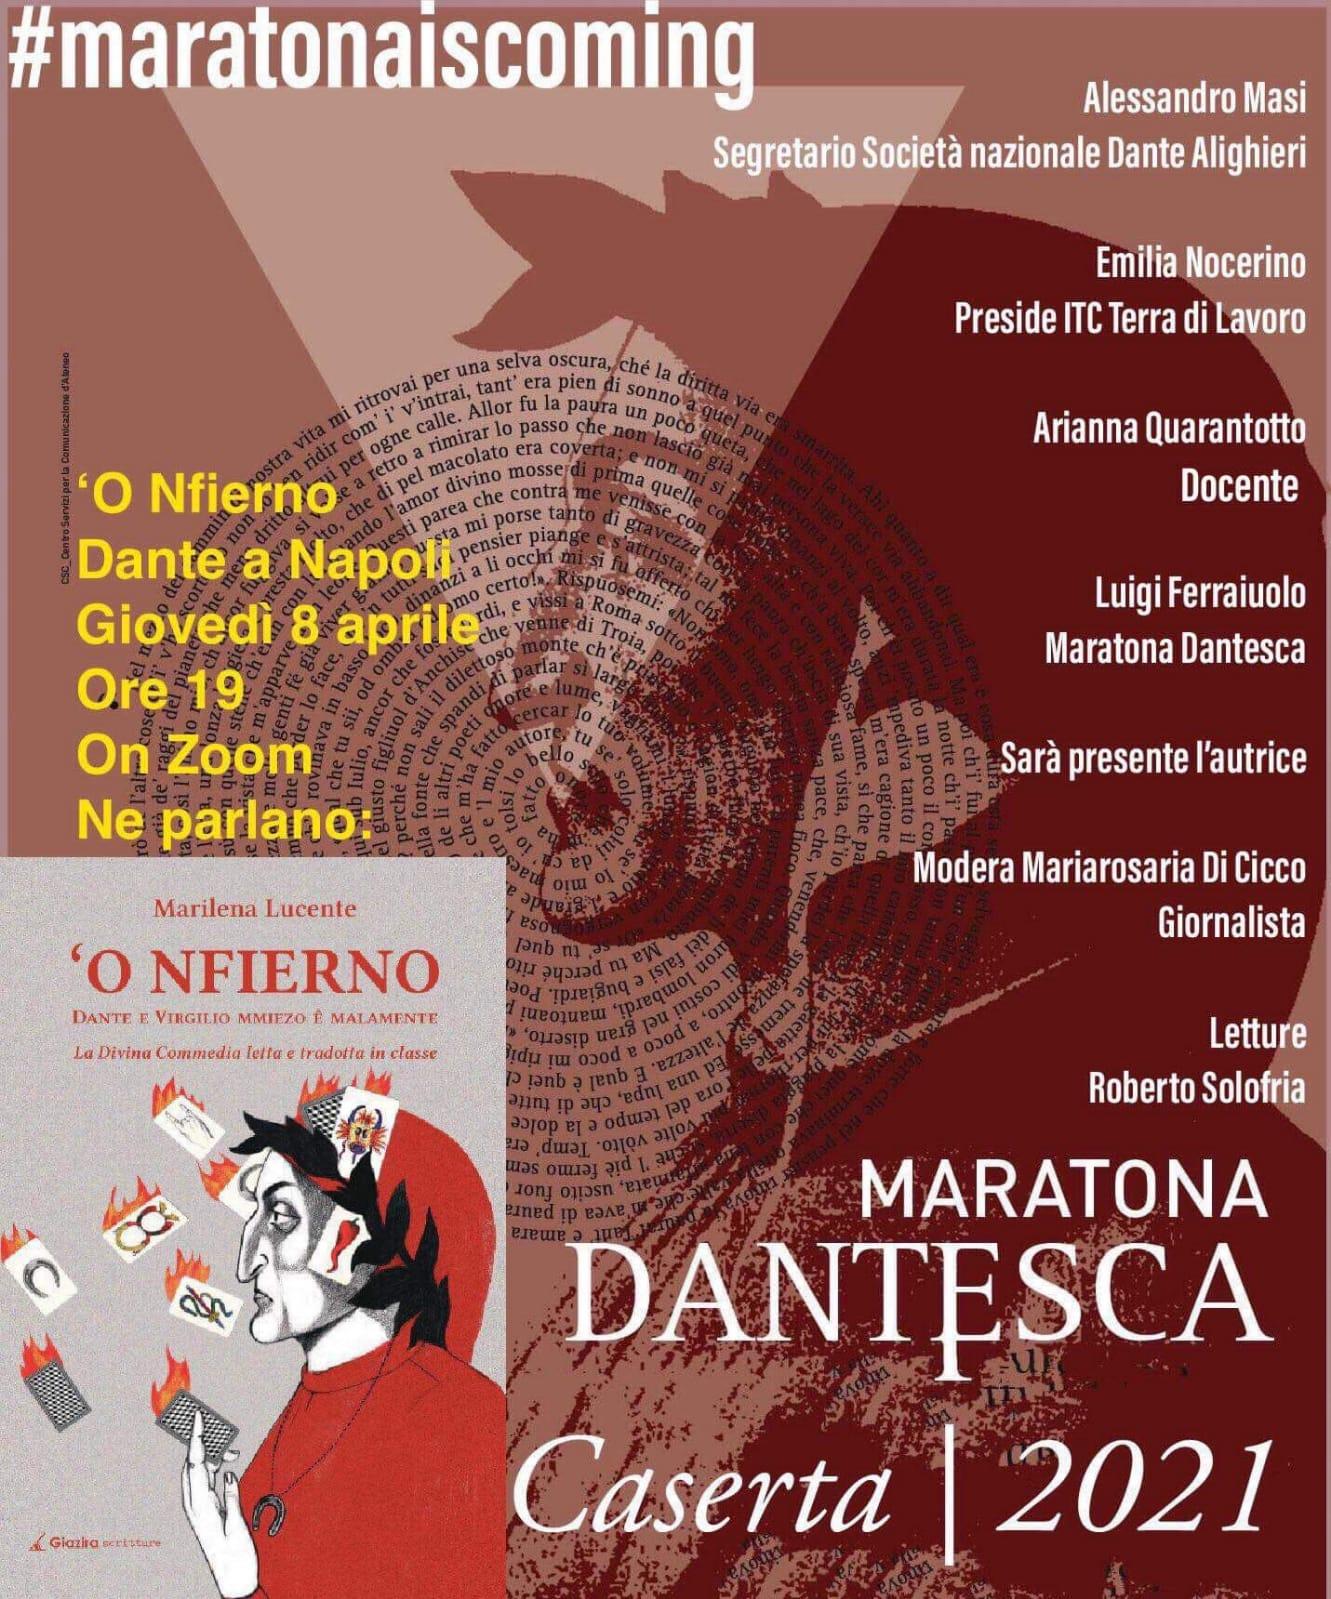 Maratona Dantesca - Caserta